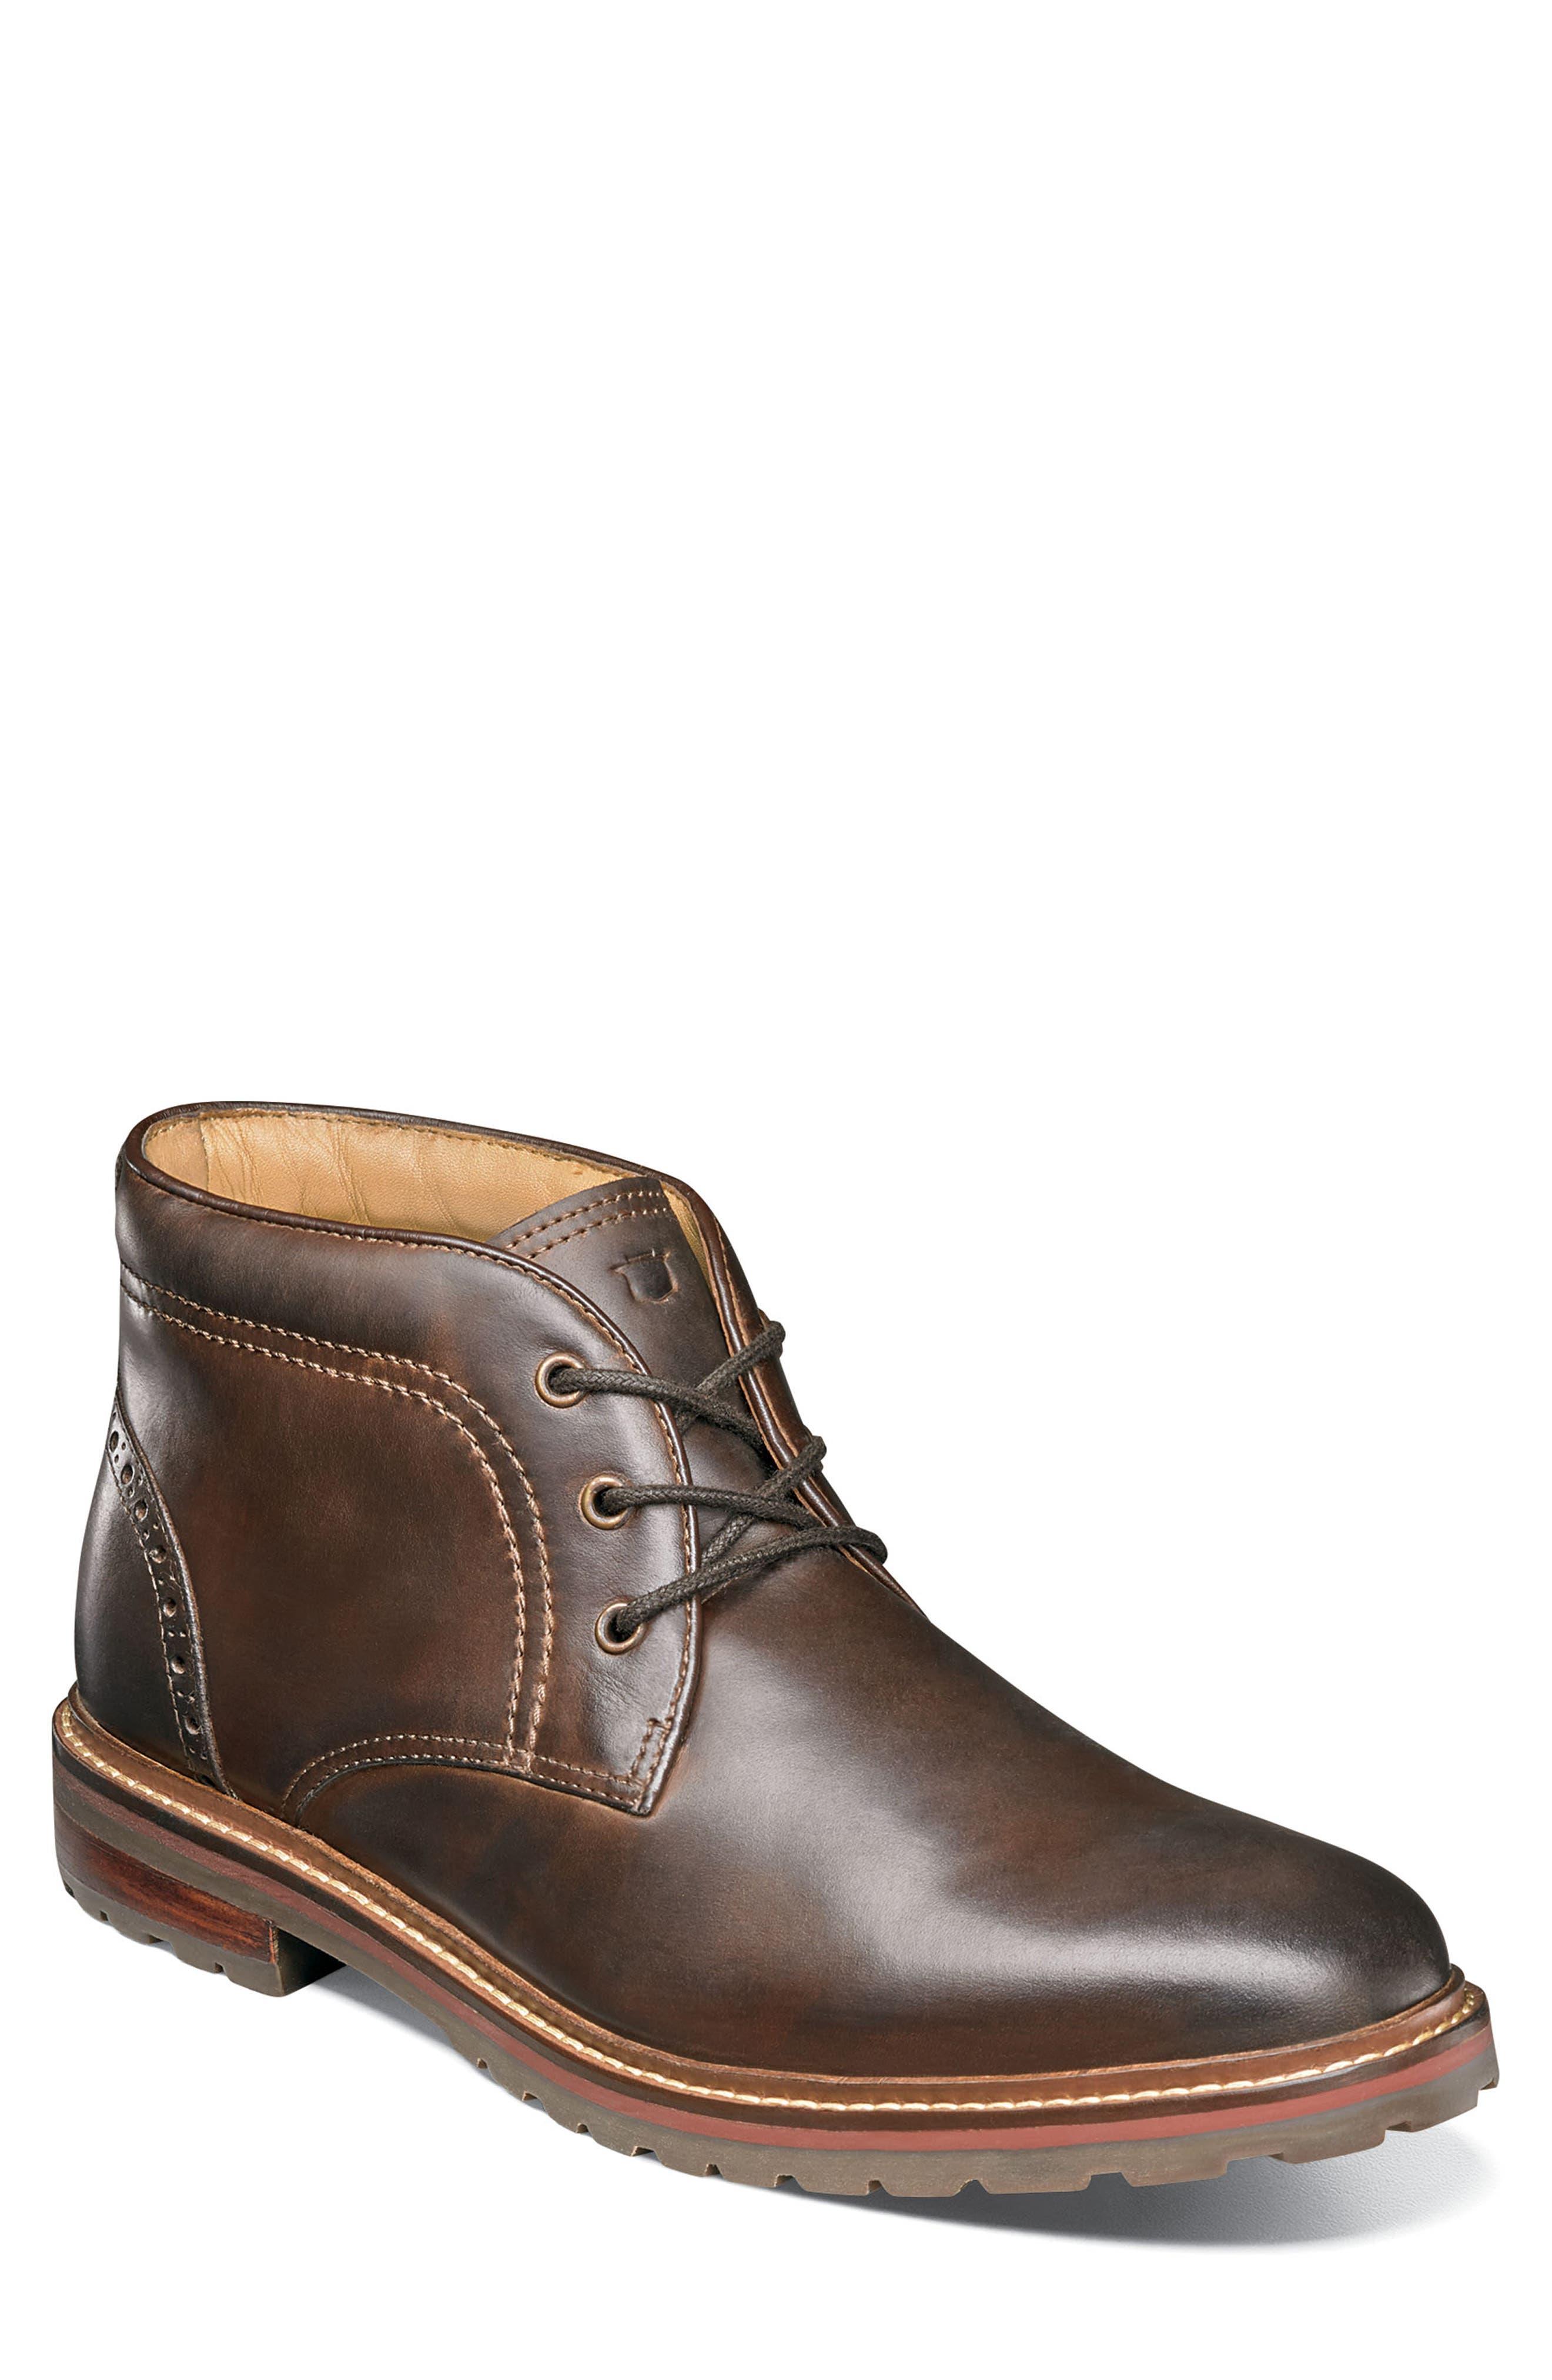 Florsheim Estabrook Lugged Chukka Boot, Brown